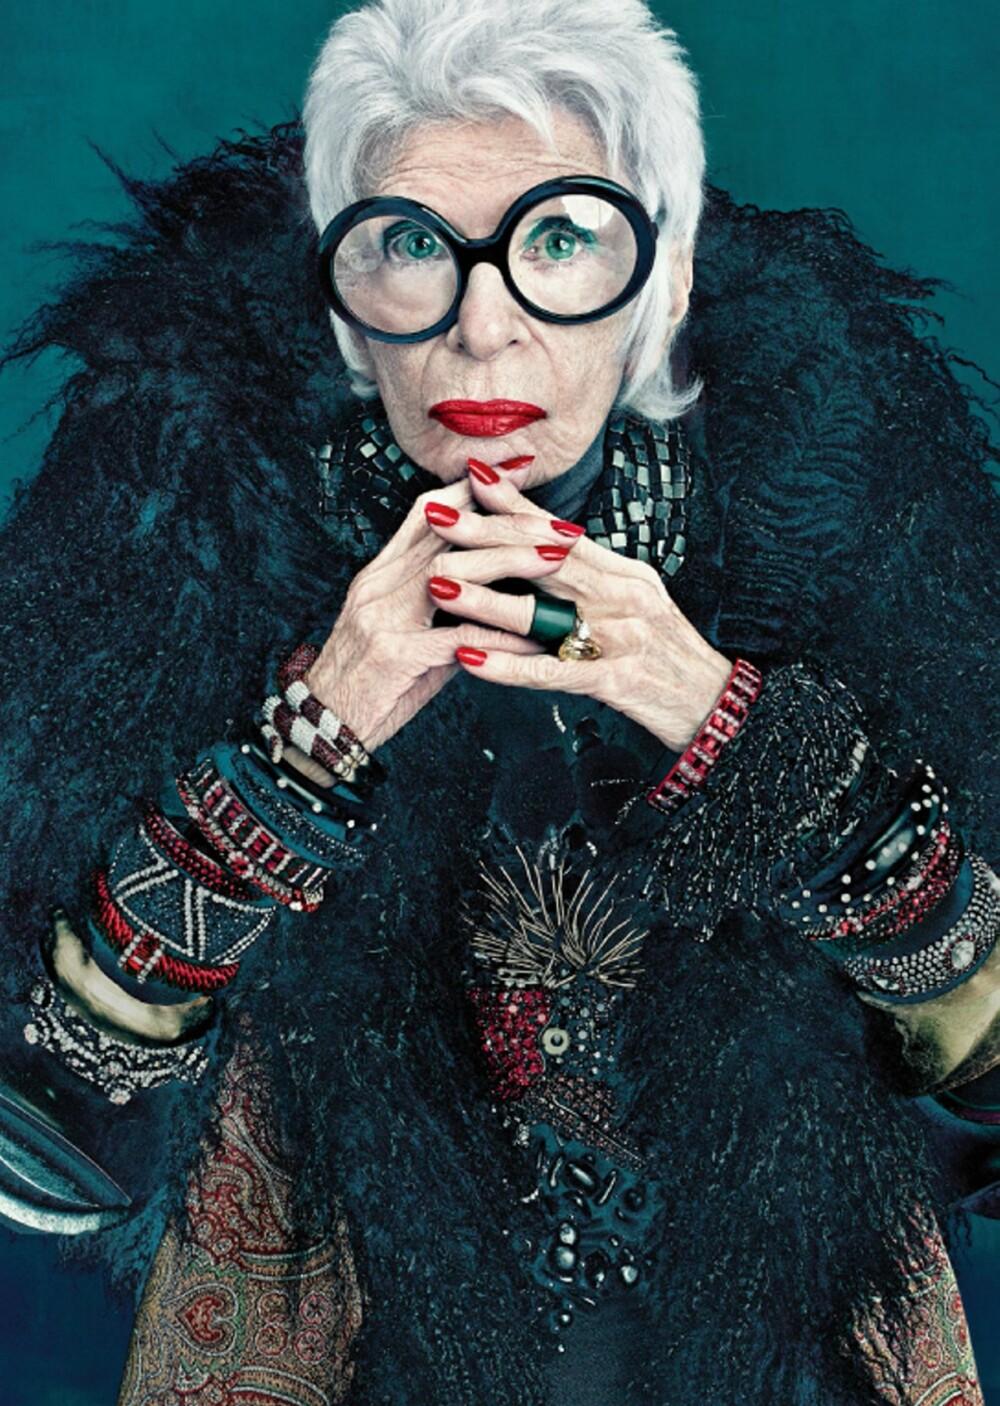 IRIS APFEL: I en alder av 90 ble Iris Apfel valgt til å designe sin egen kolleksjon for makeupmerket Mac. Hun frontet selv kampanjen gjennom blant annet dette bildet.